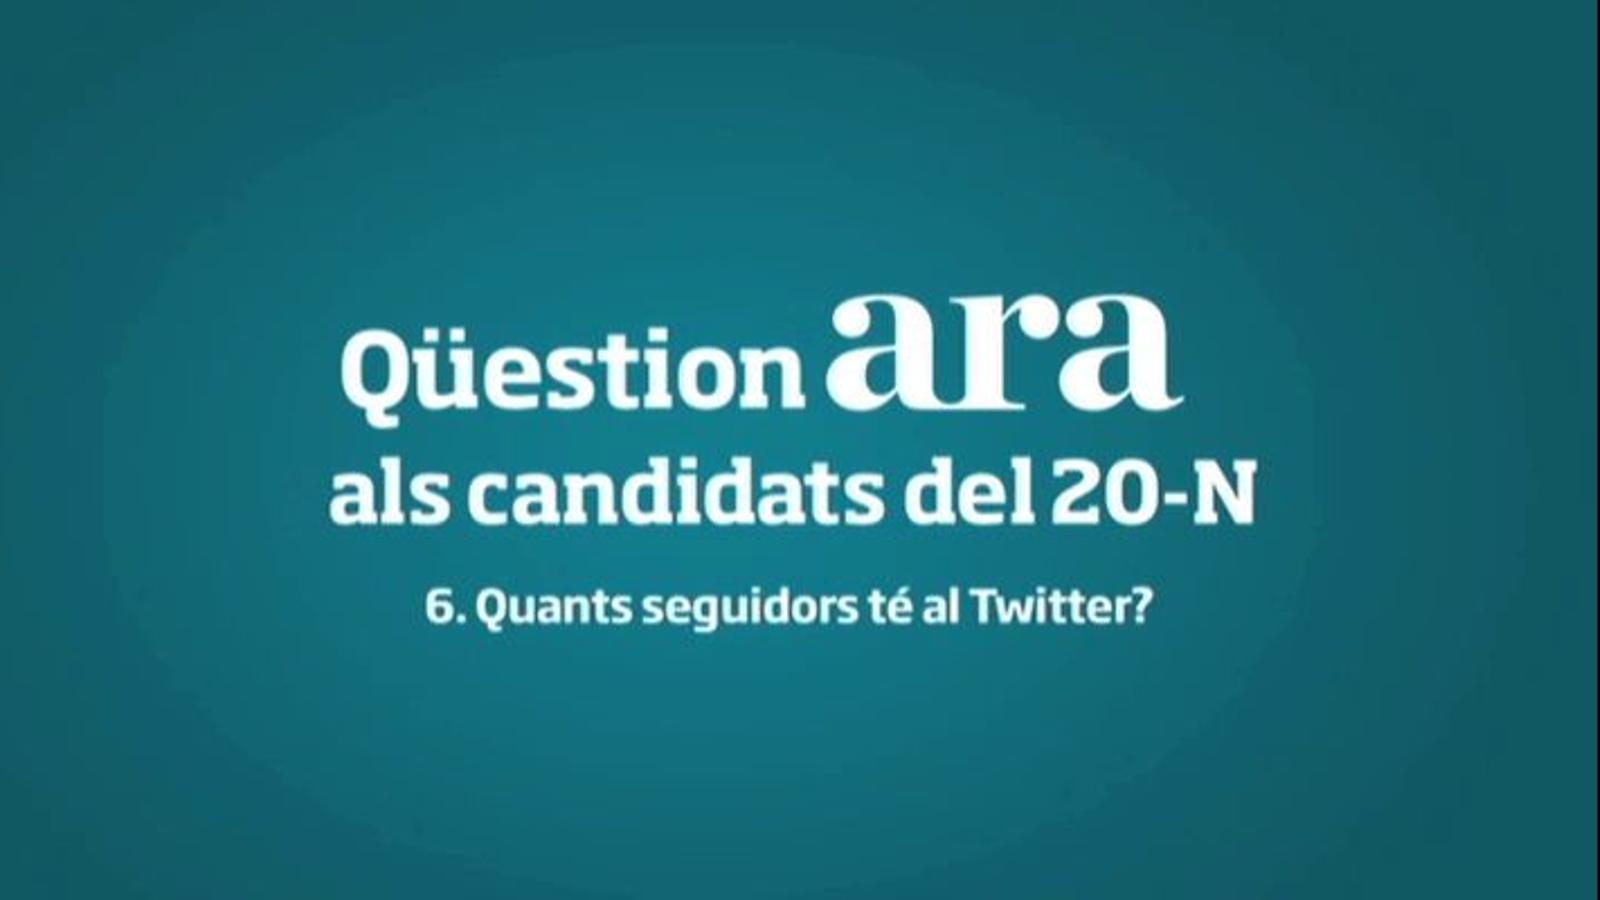 Quina relació tenen els candidats del 20-N amb Twitter? Saben quants seguidors tenen?